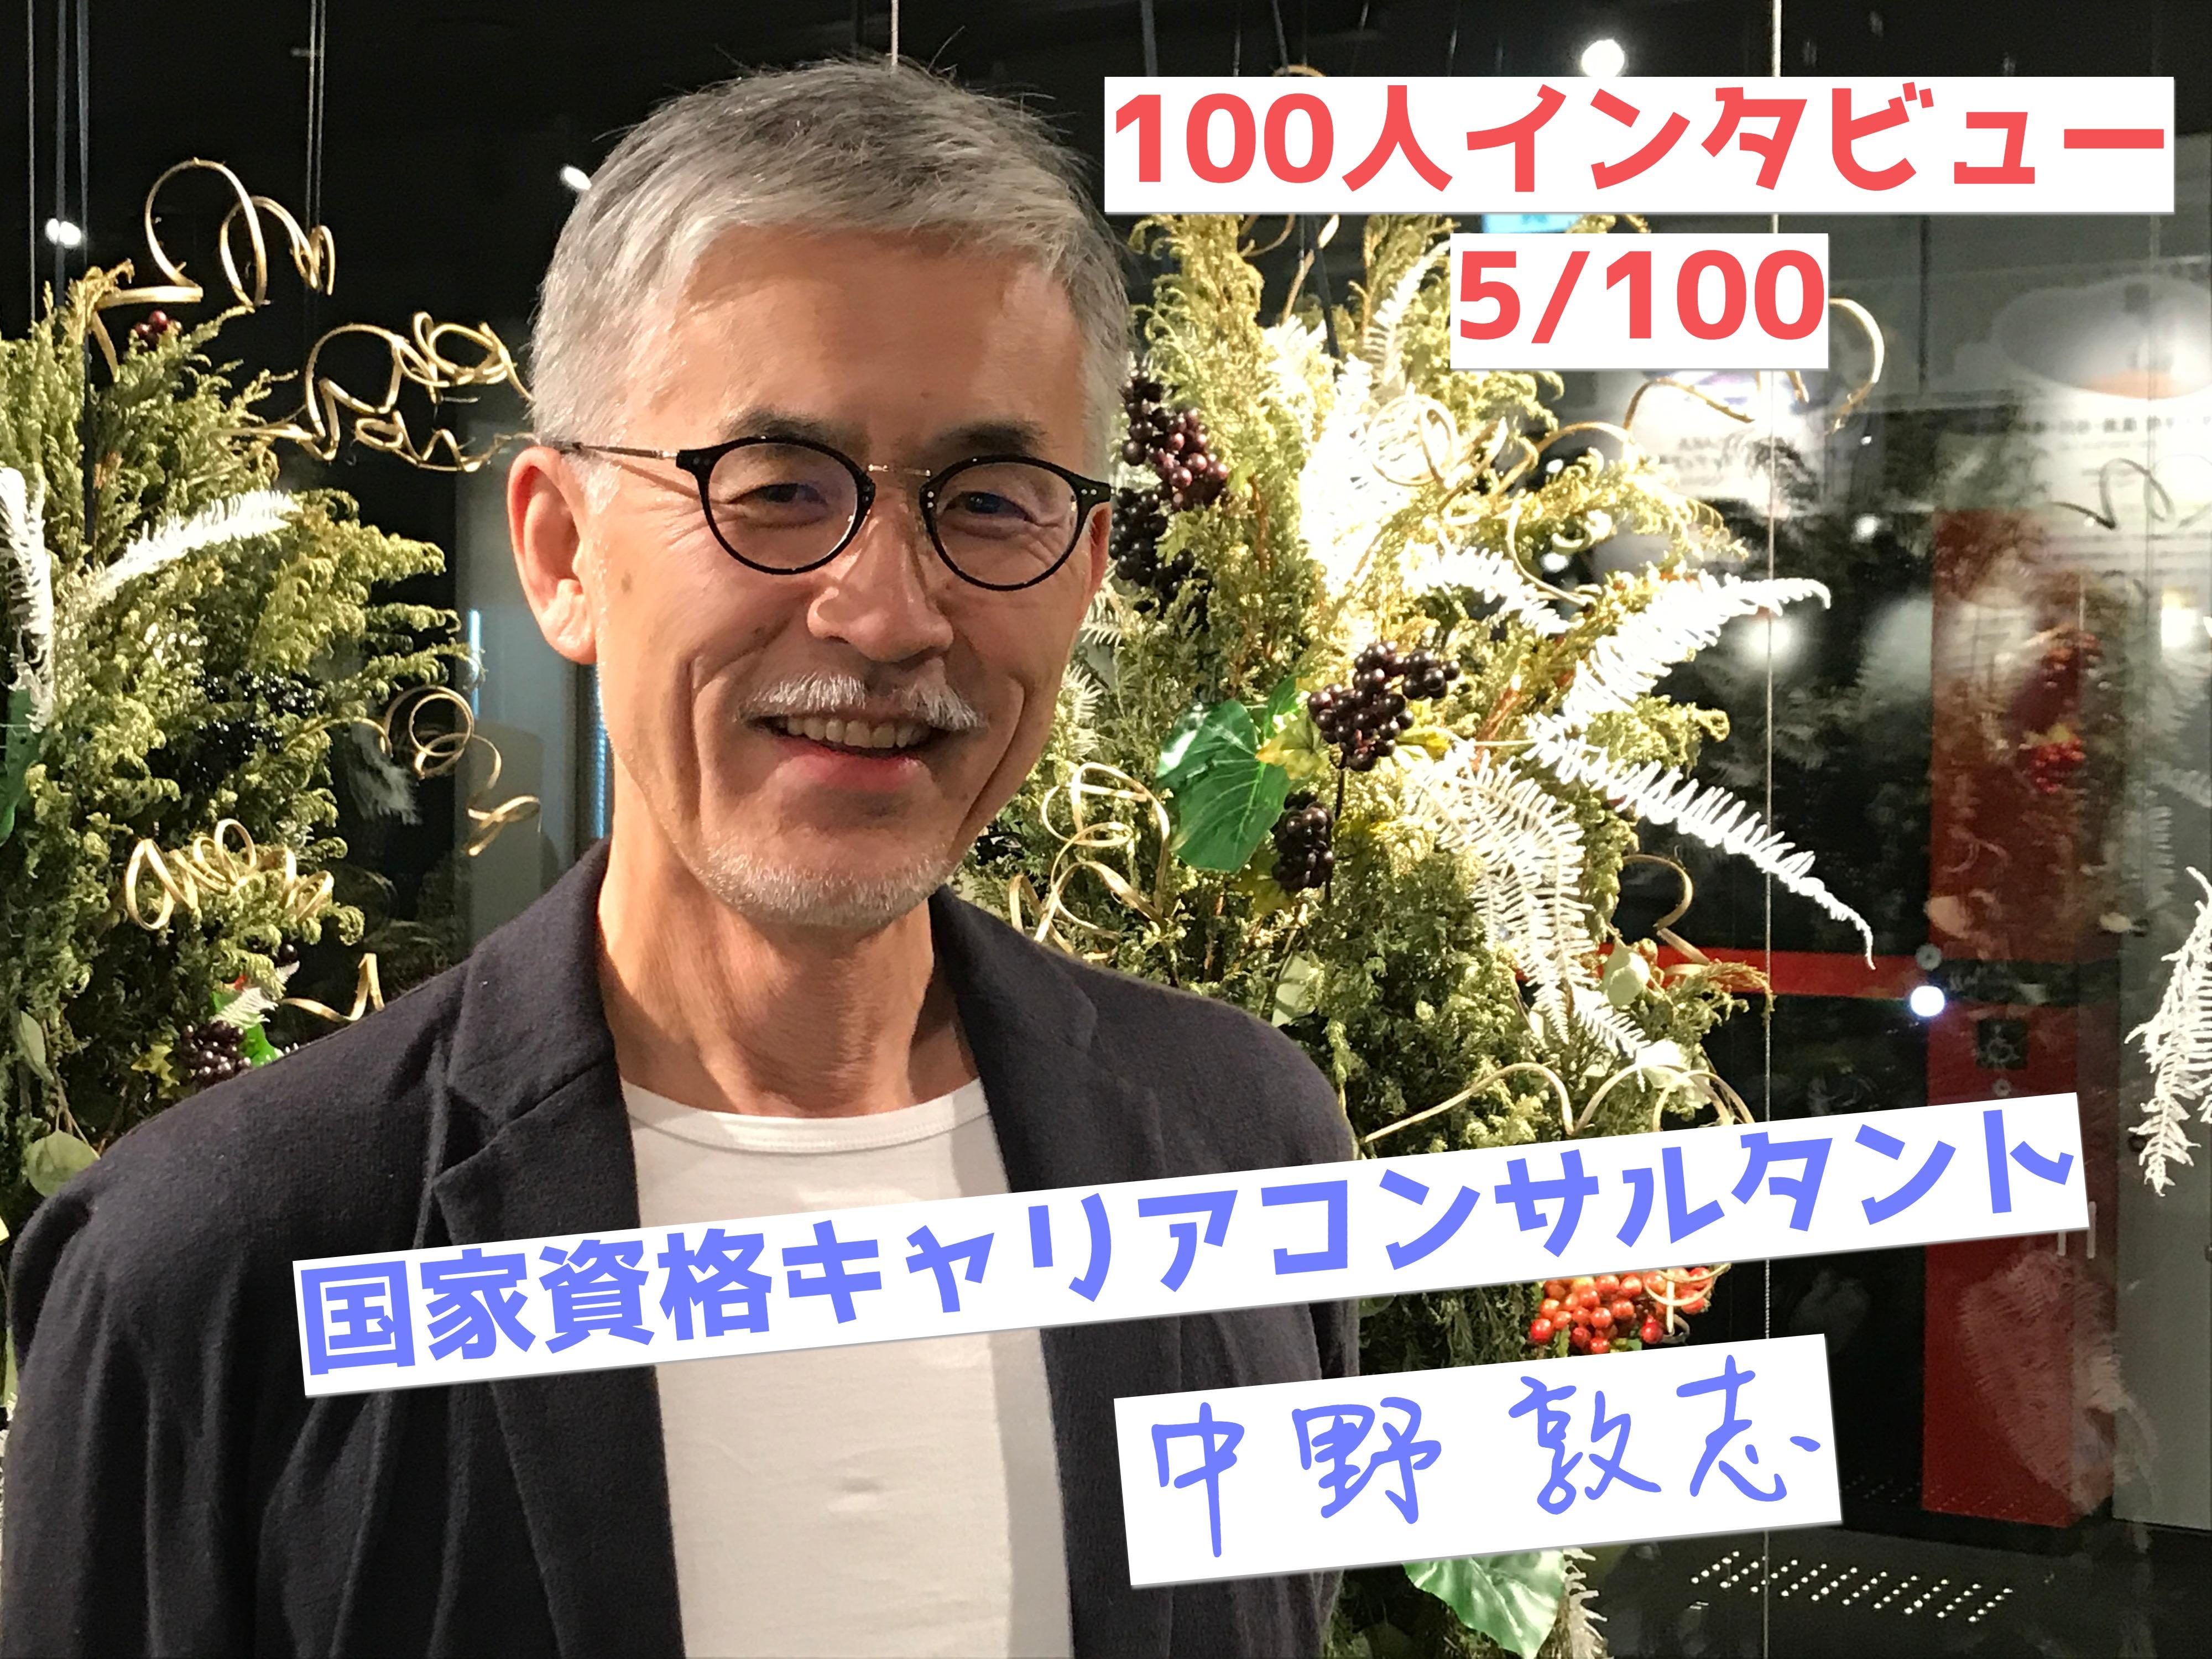 国家資格キャリアコンサルタント 中野 敦志(100人インタビュー)